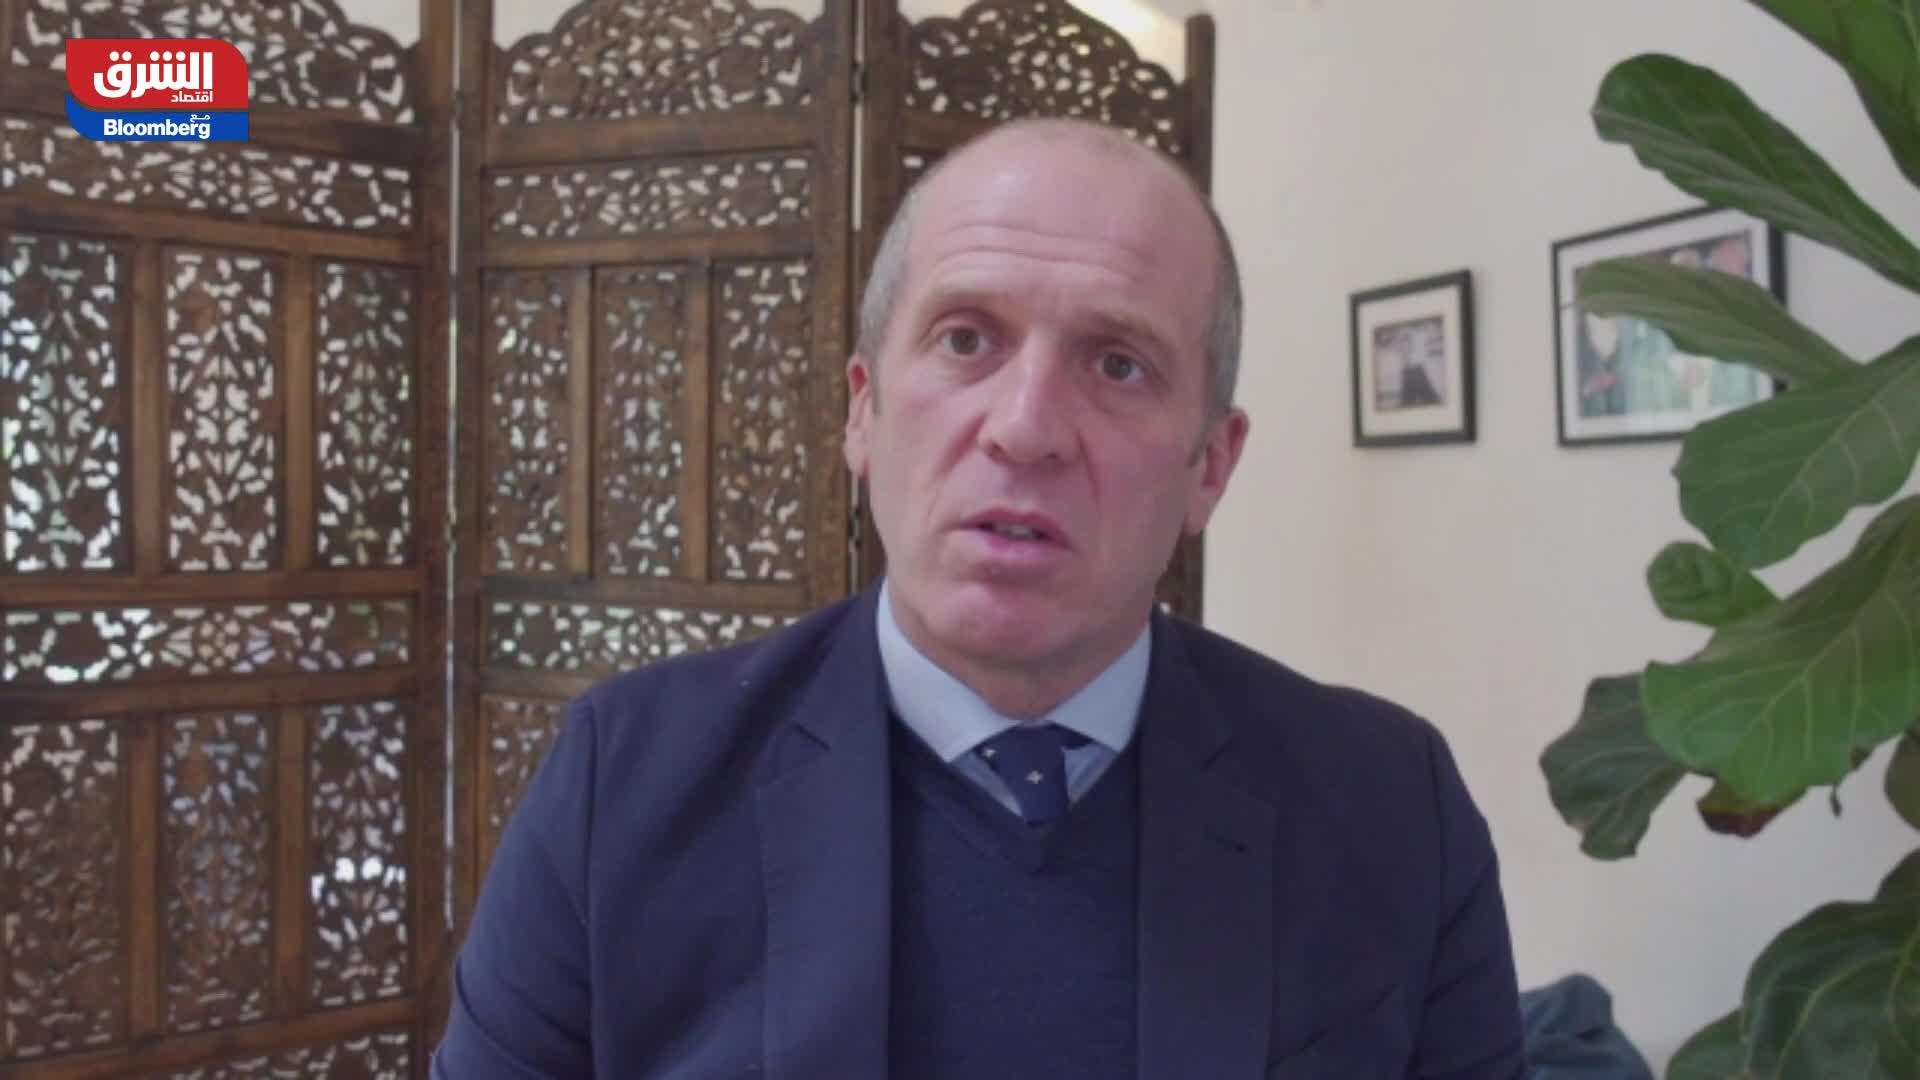 آندي كريتشلو - رئيس أخبار الطاقة في S&P Global Platts